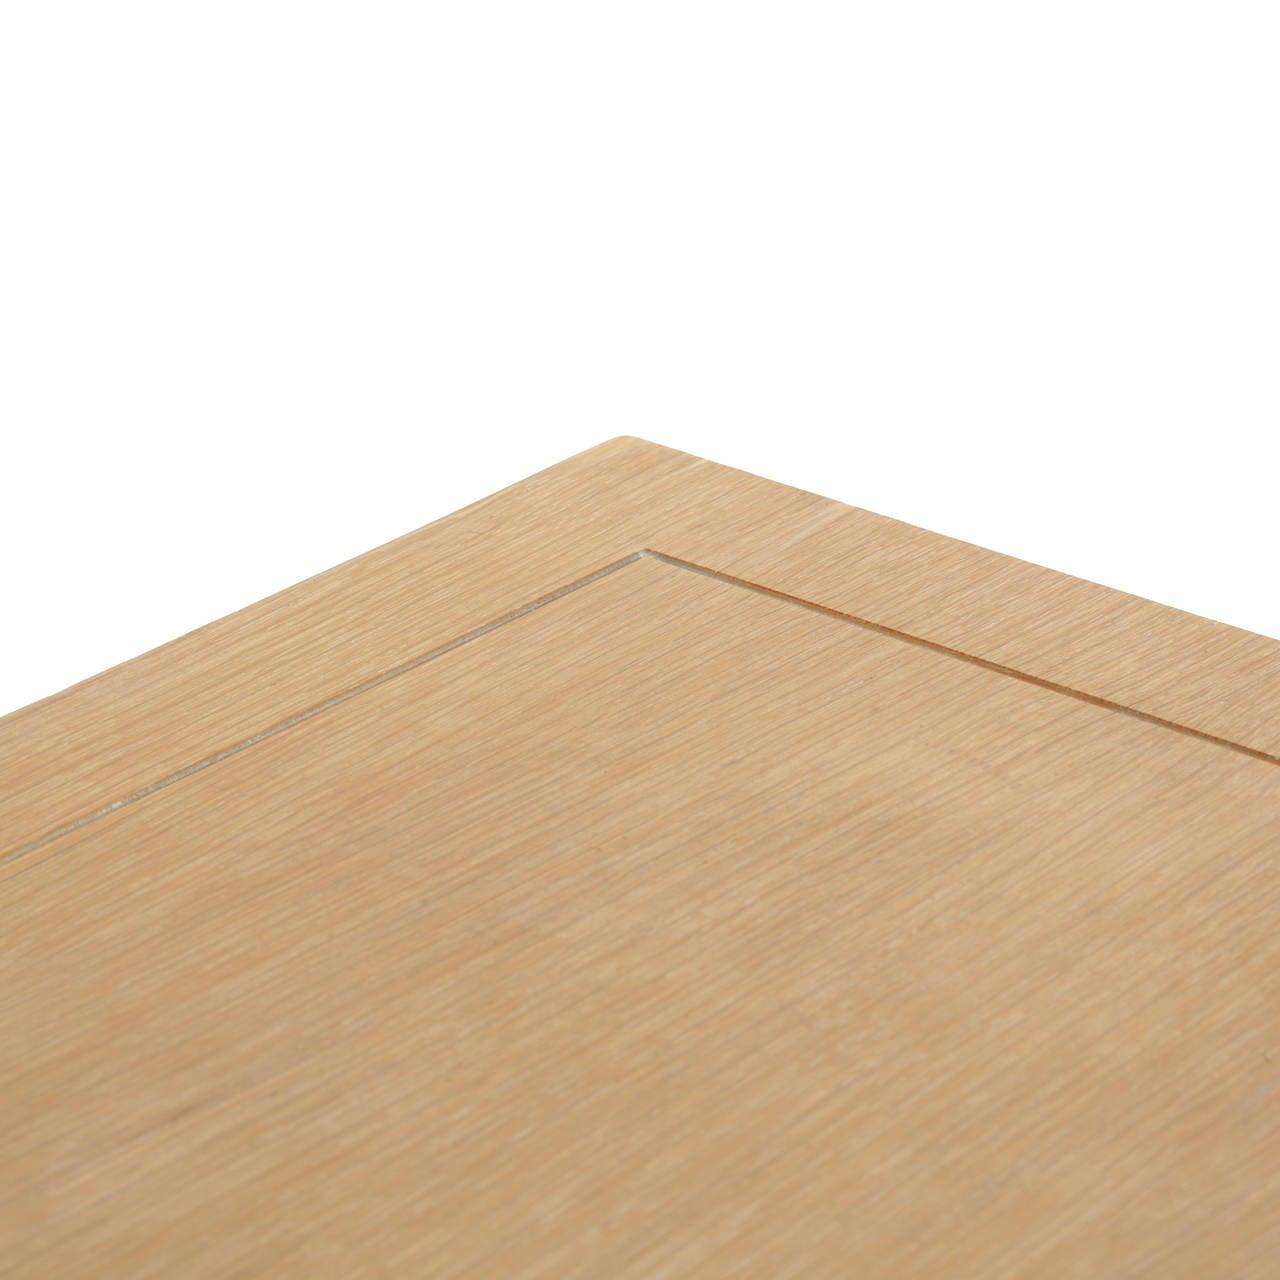 Oak Secretary Desk by Irwin with Letter Cabinet For Sale 4